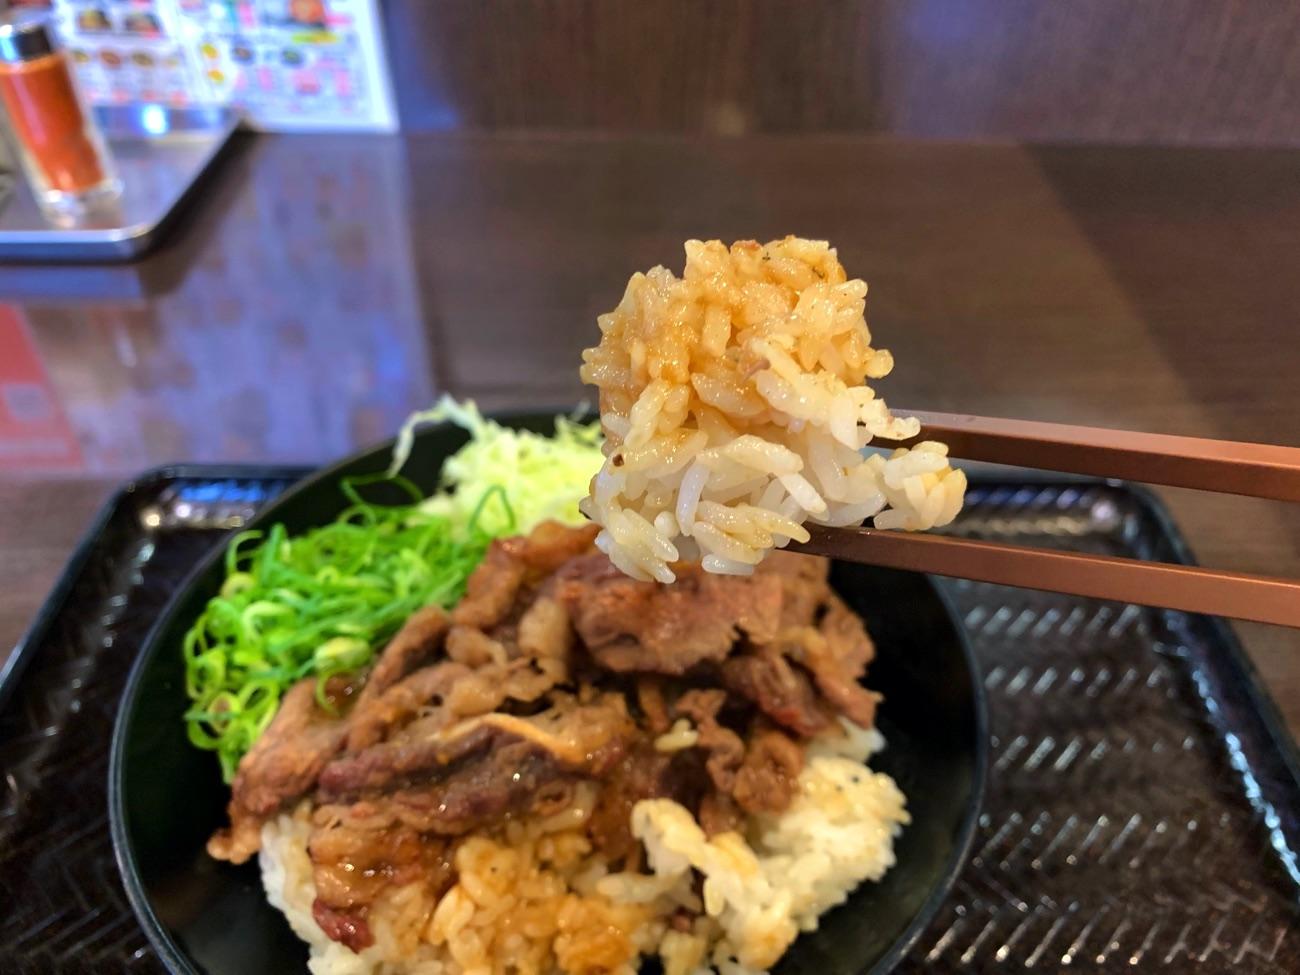 タレと肉汁がしみたご飯も美味しい!